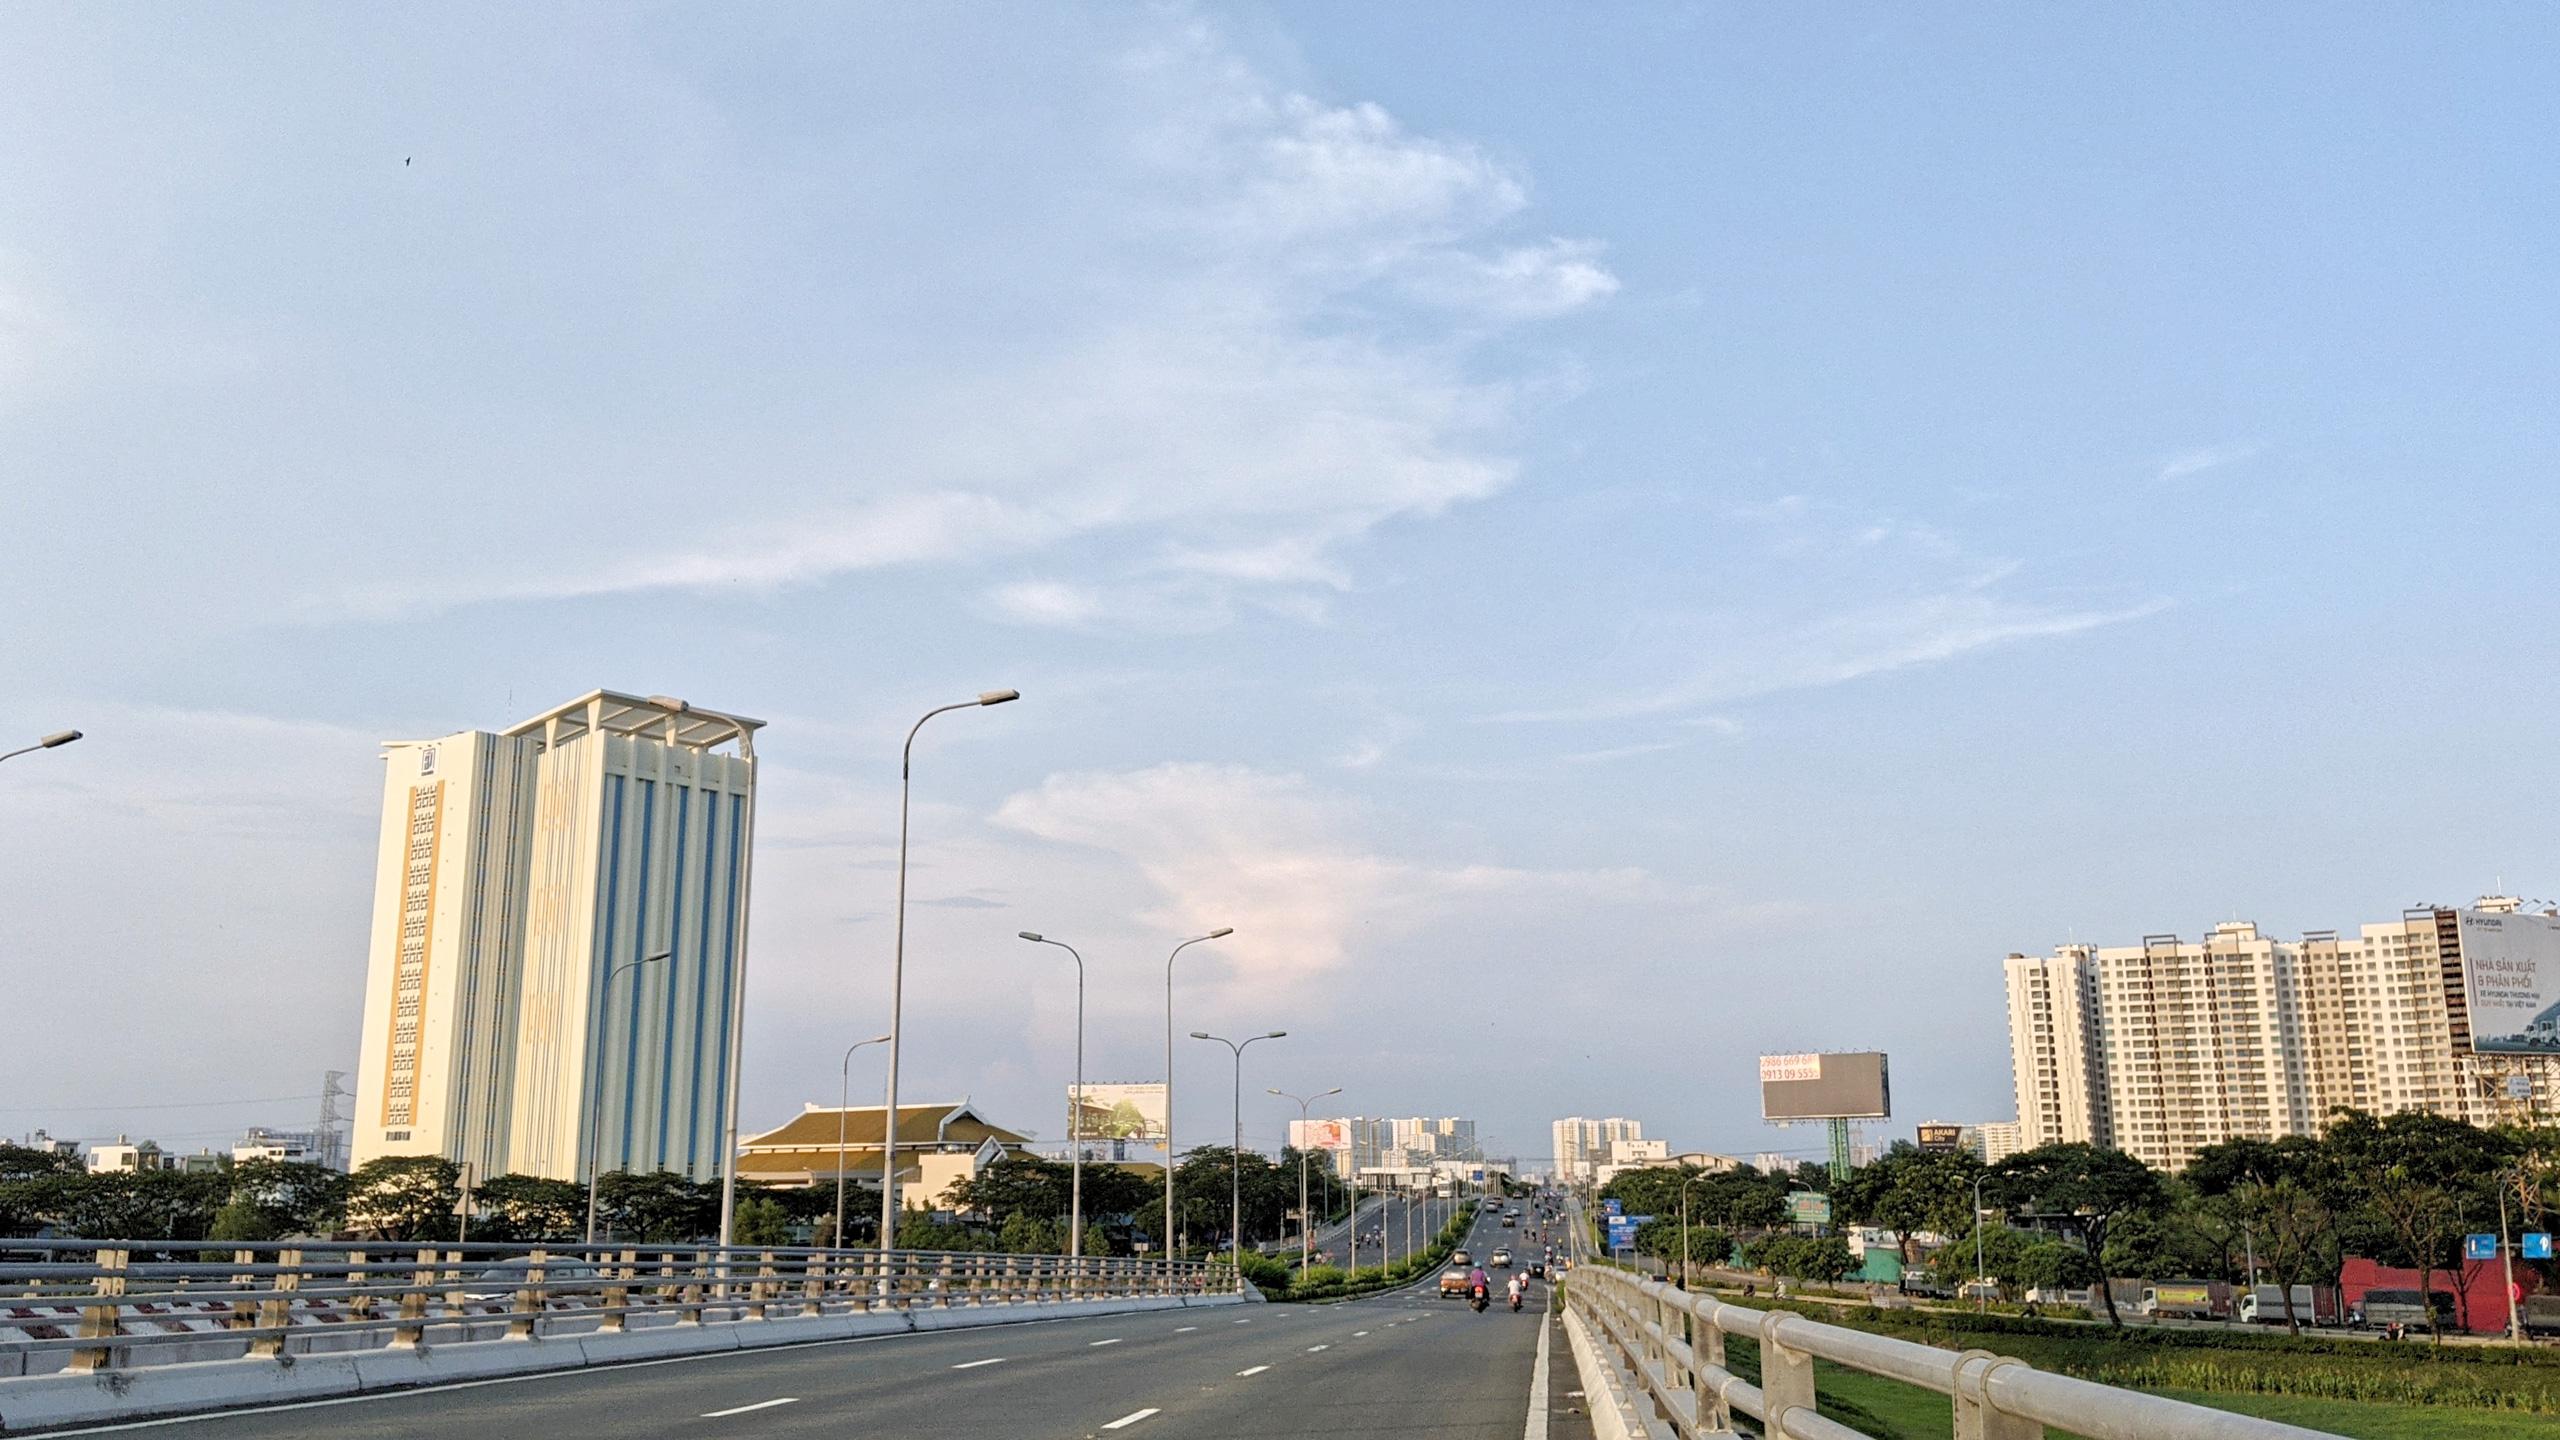 Cận cảnh Đại lộ Đông Tây của TP HCM sau gần một thập kỷ - Ảnh 1.